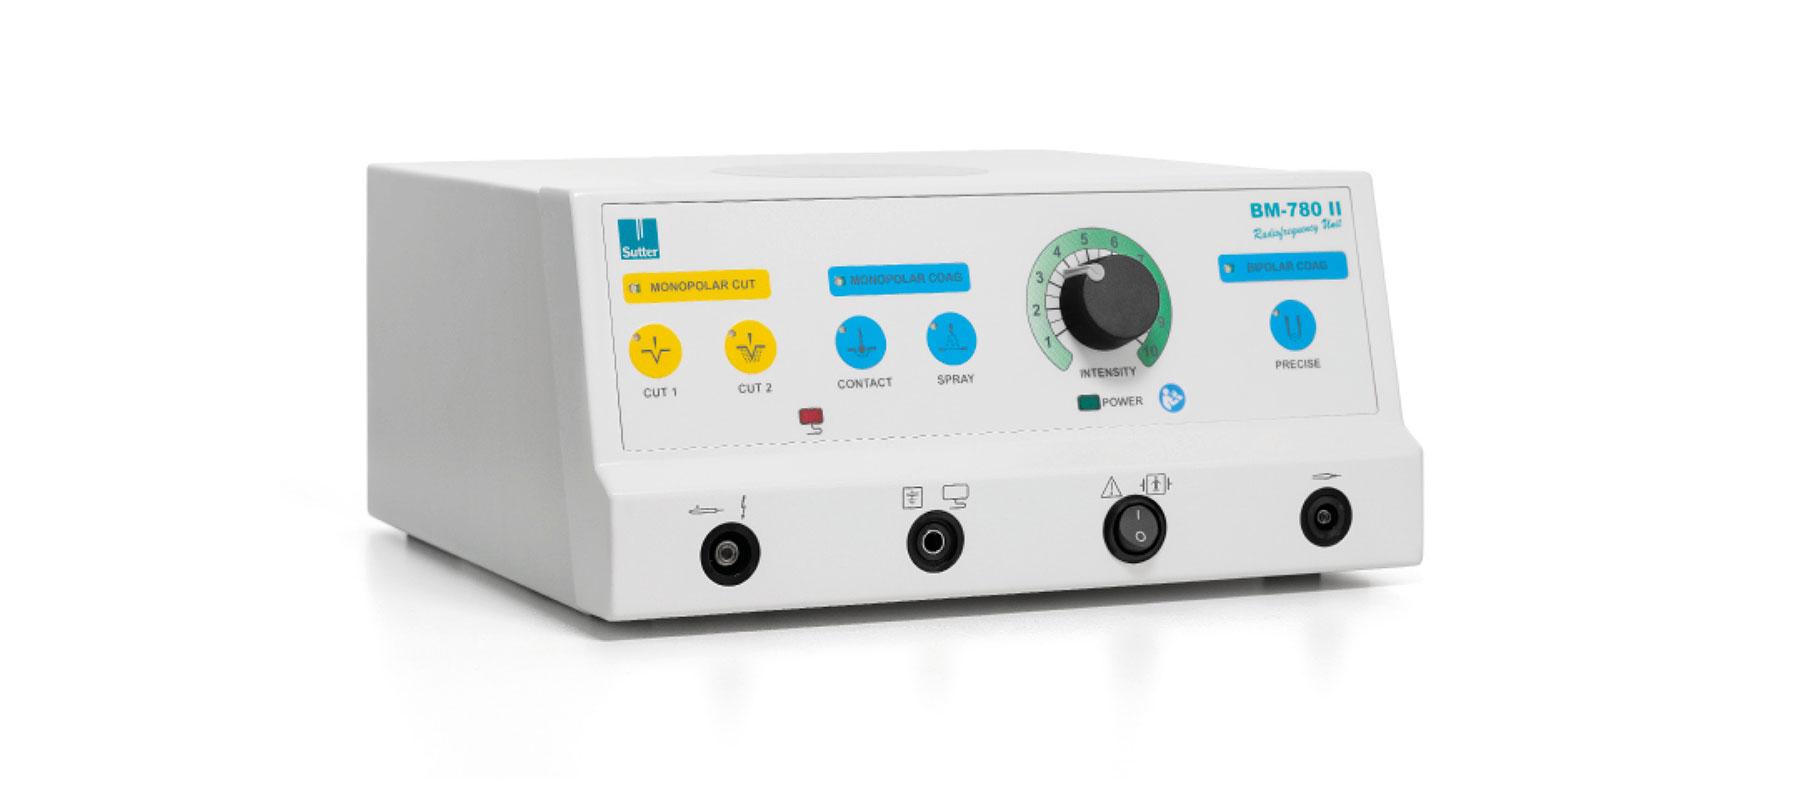 BM-780 II mit Adapter notext